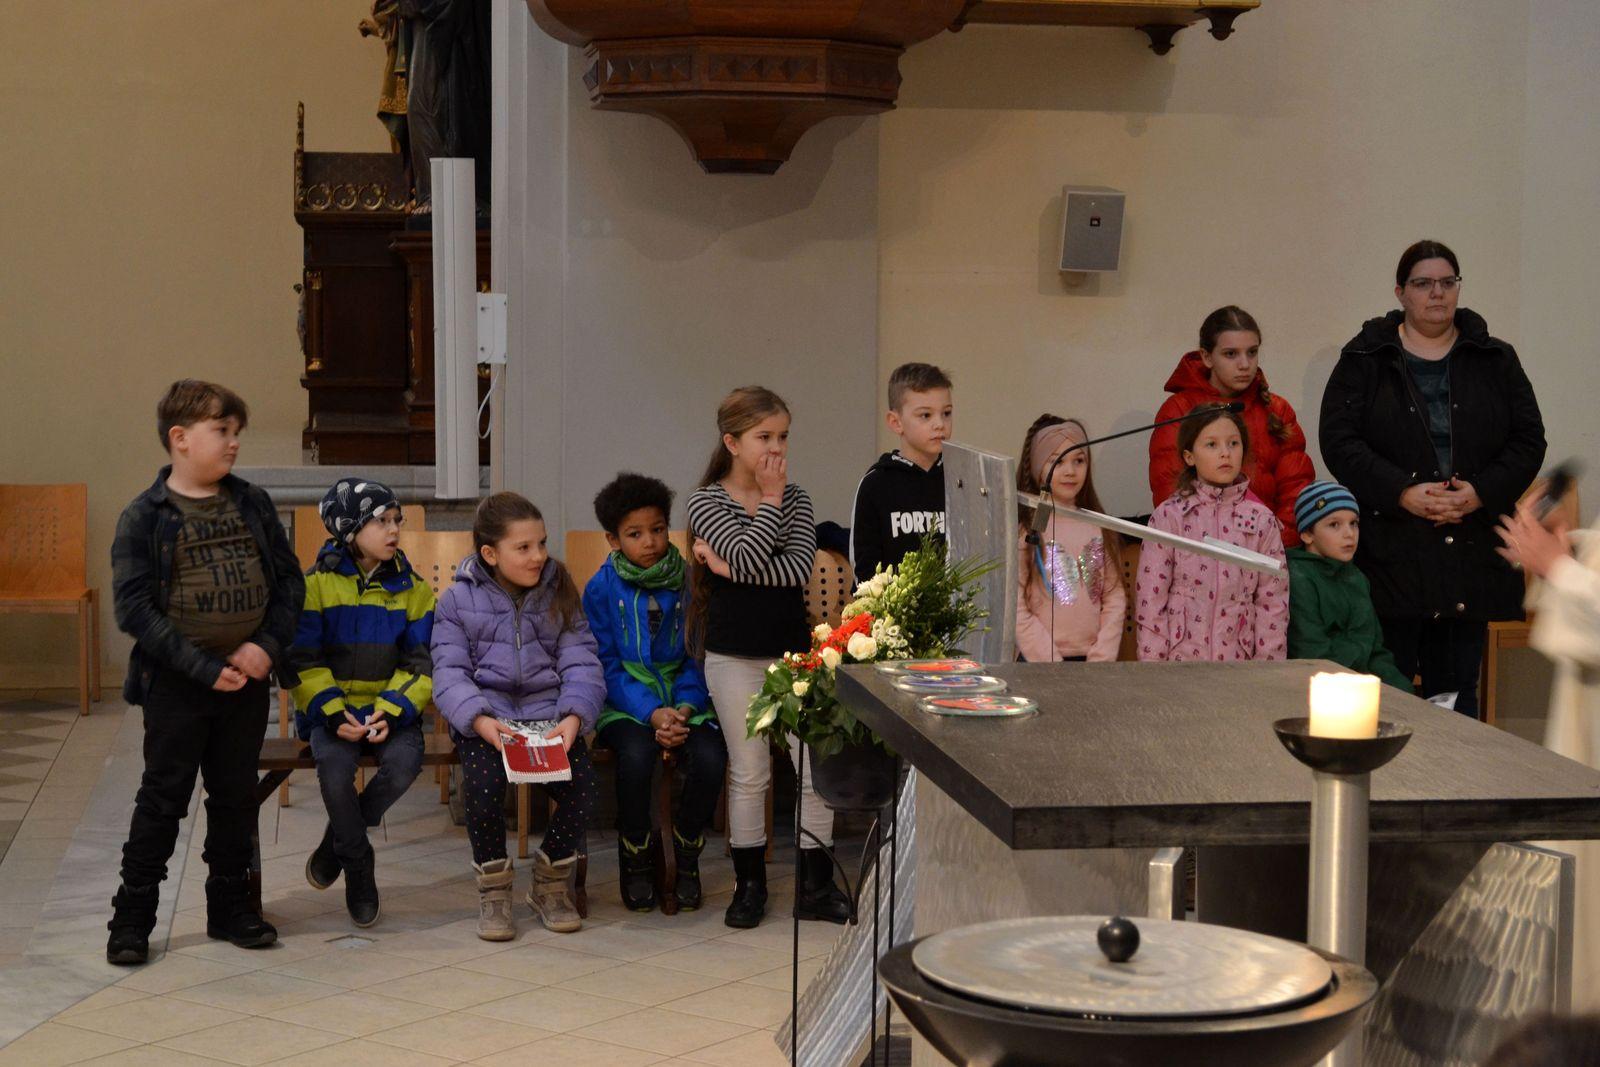 die Kinder sind um den Altar versammelt